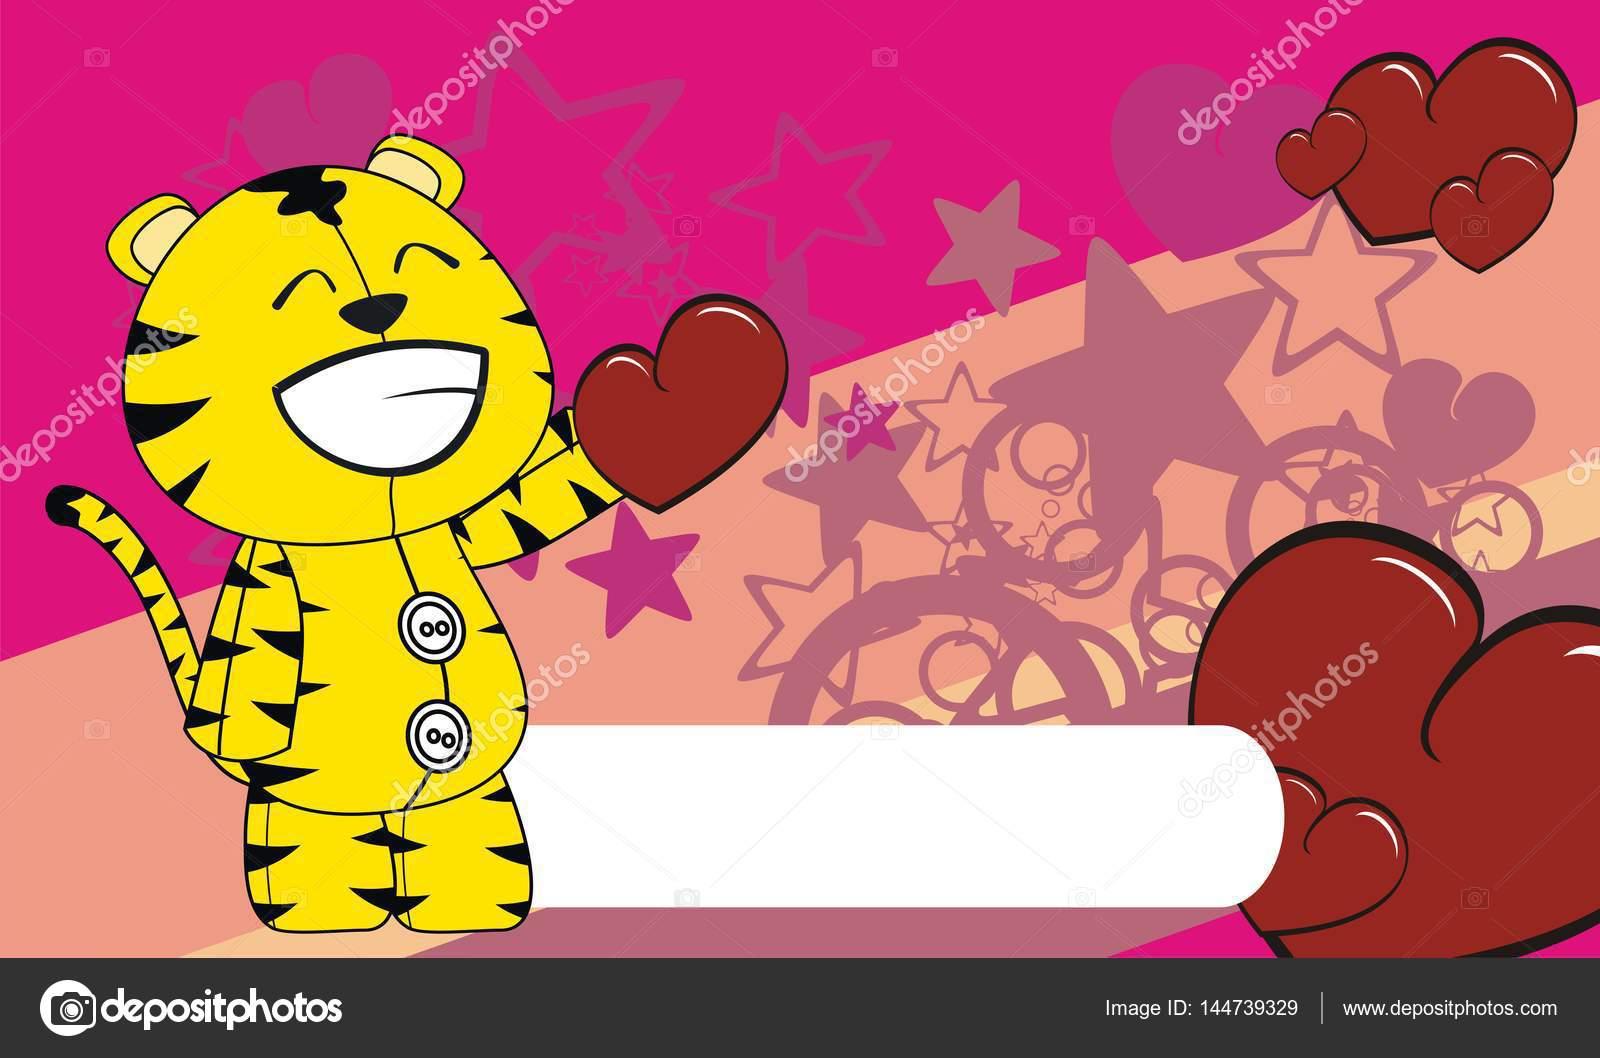 Bella tigre cartone animato san valentino sfondo u vettoriali